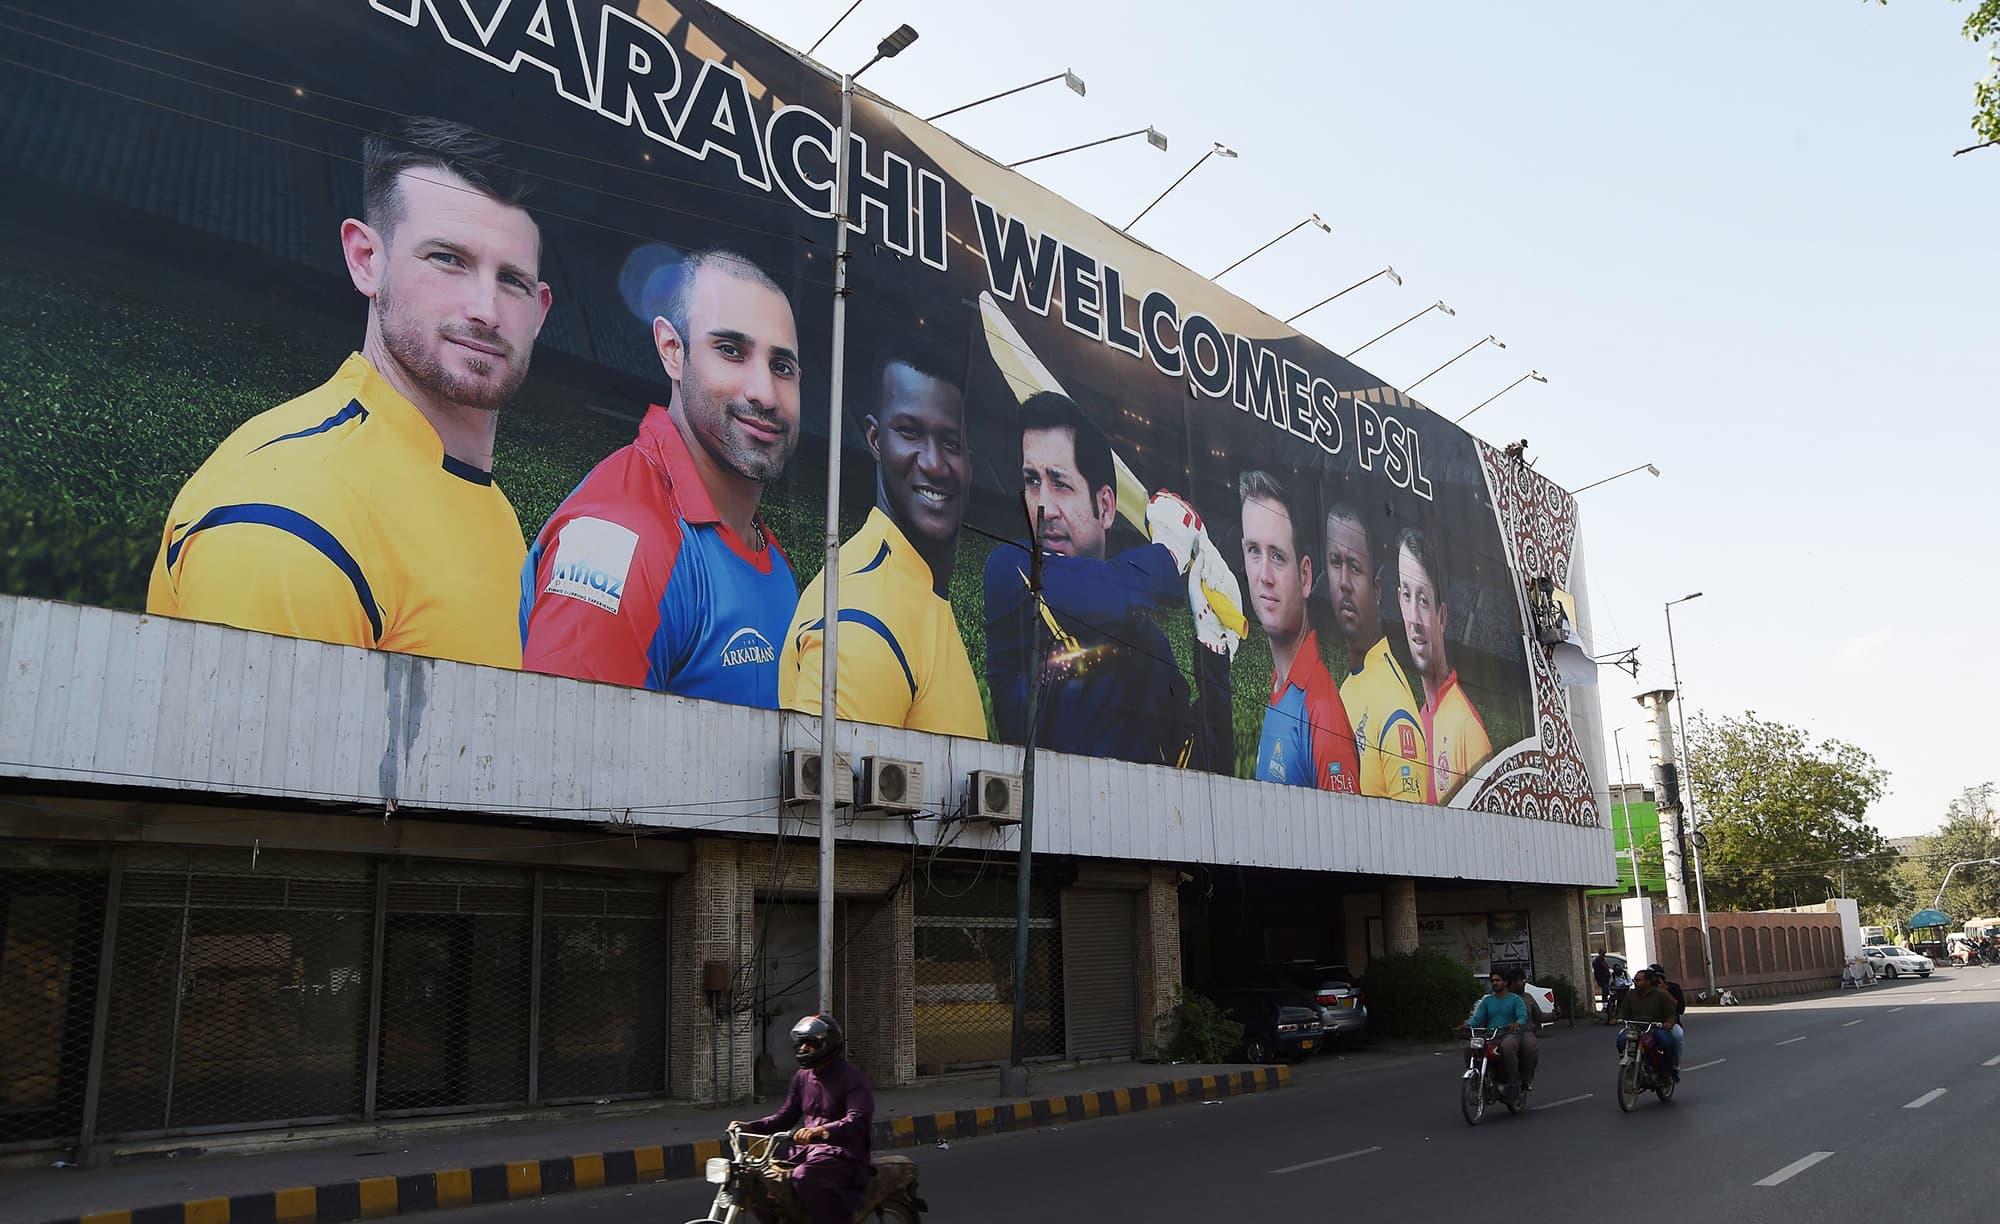 PSL 2019 in Karachi